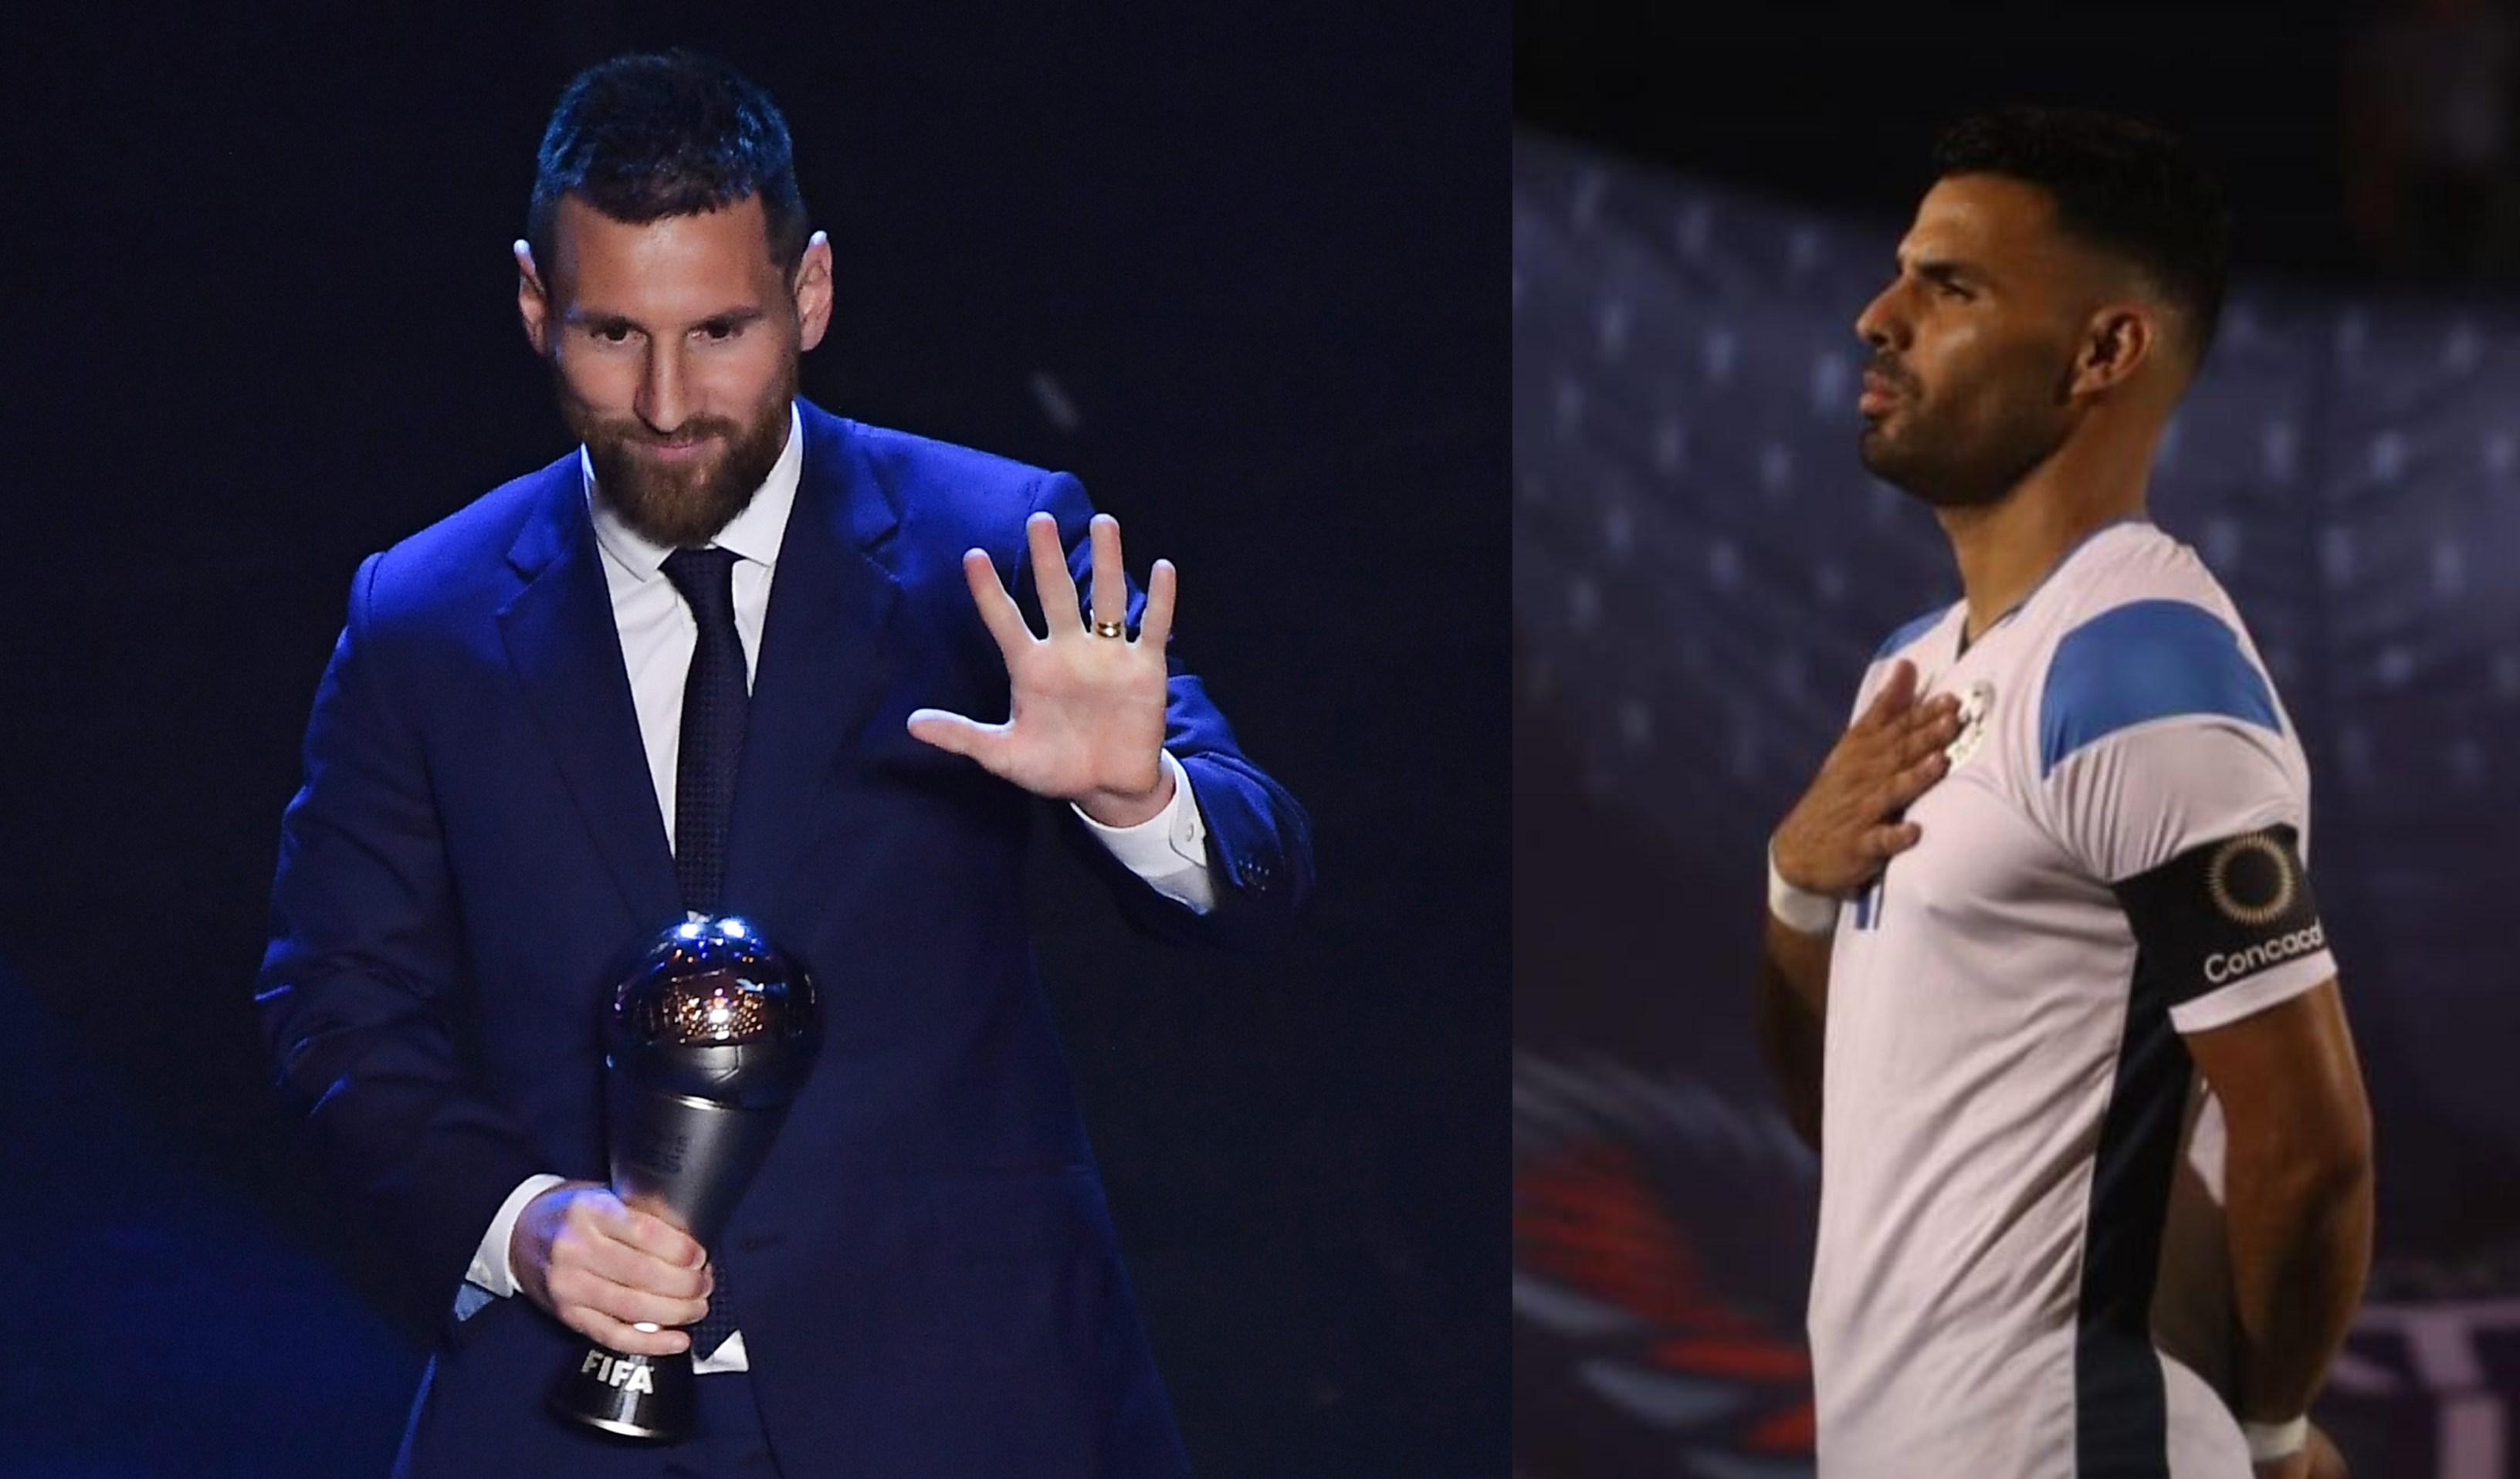 ¡Insólito! Capitán de Nicaragua aseguró que no participó en The Best pero en listado de Fifa dice que votó por Messi